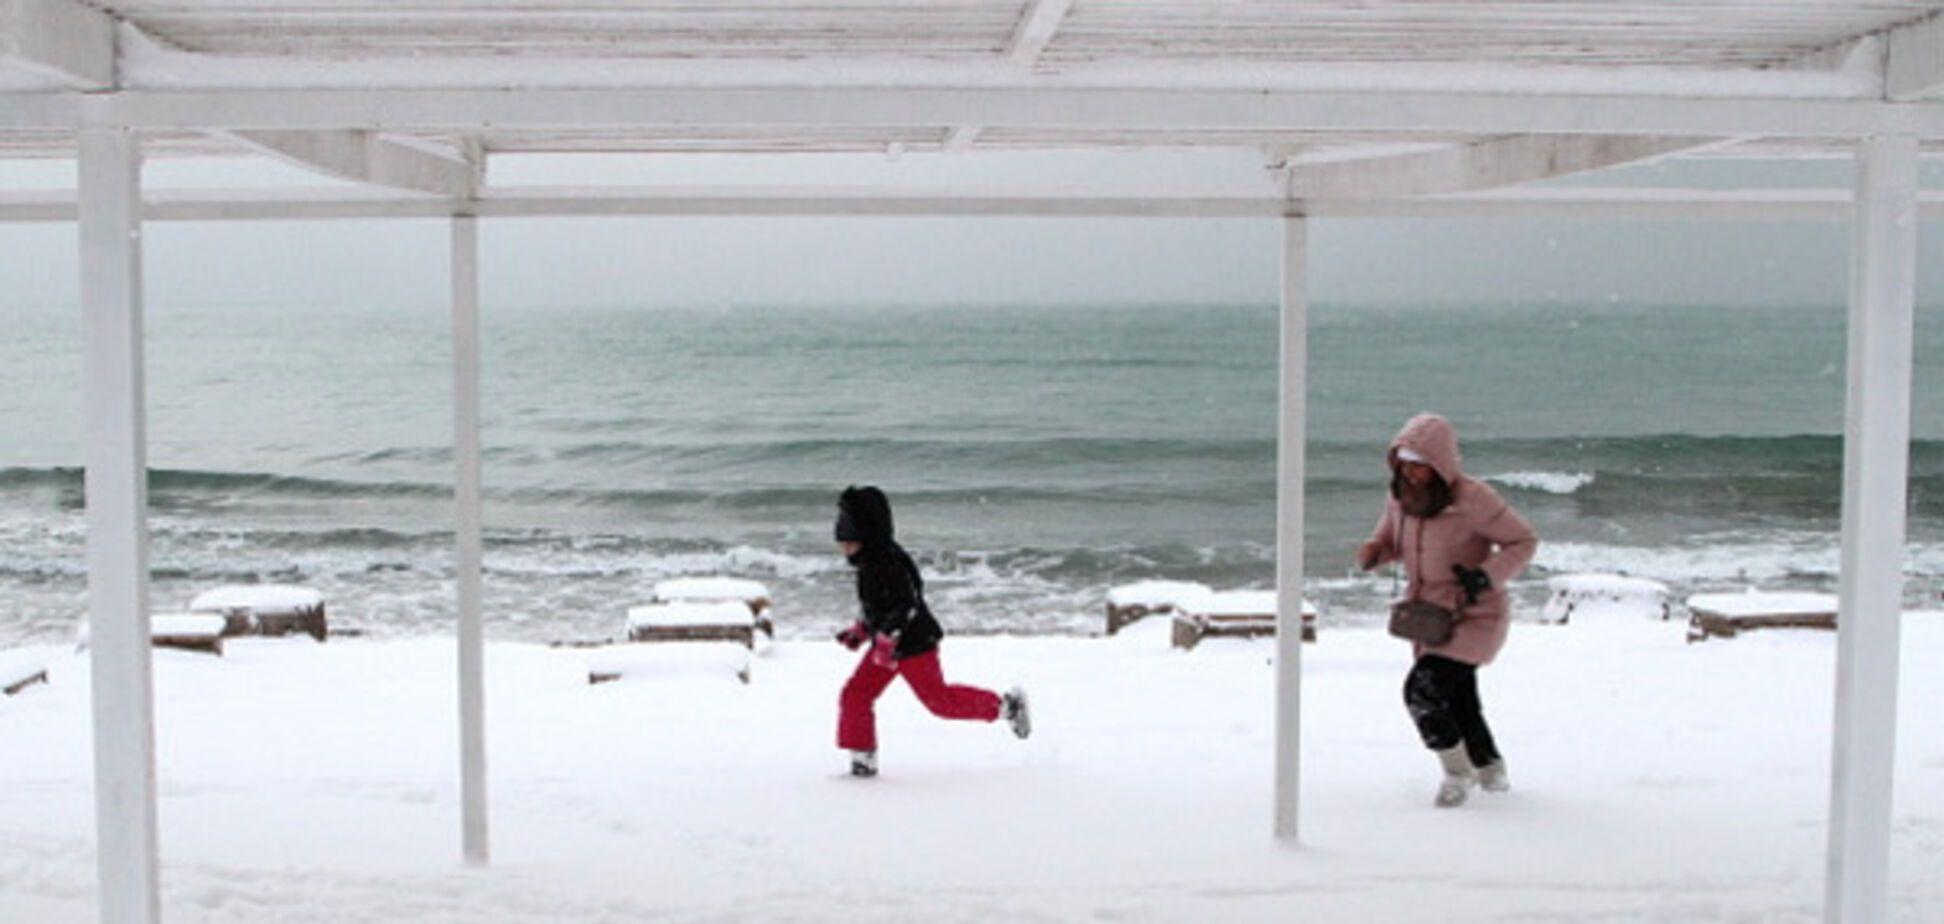 Похолодания погода в Украине